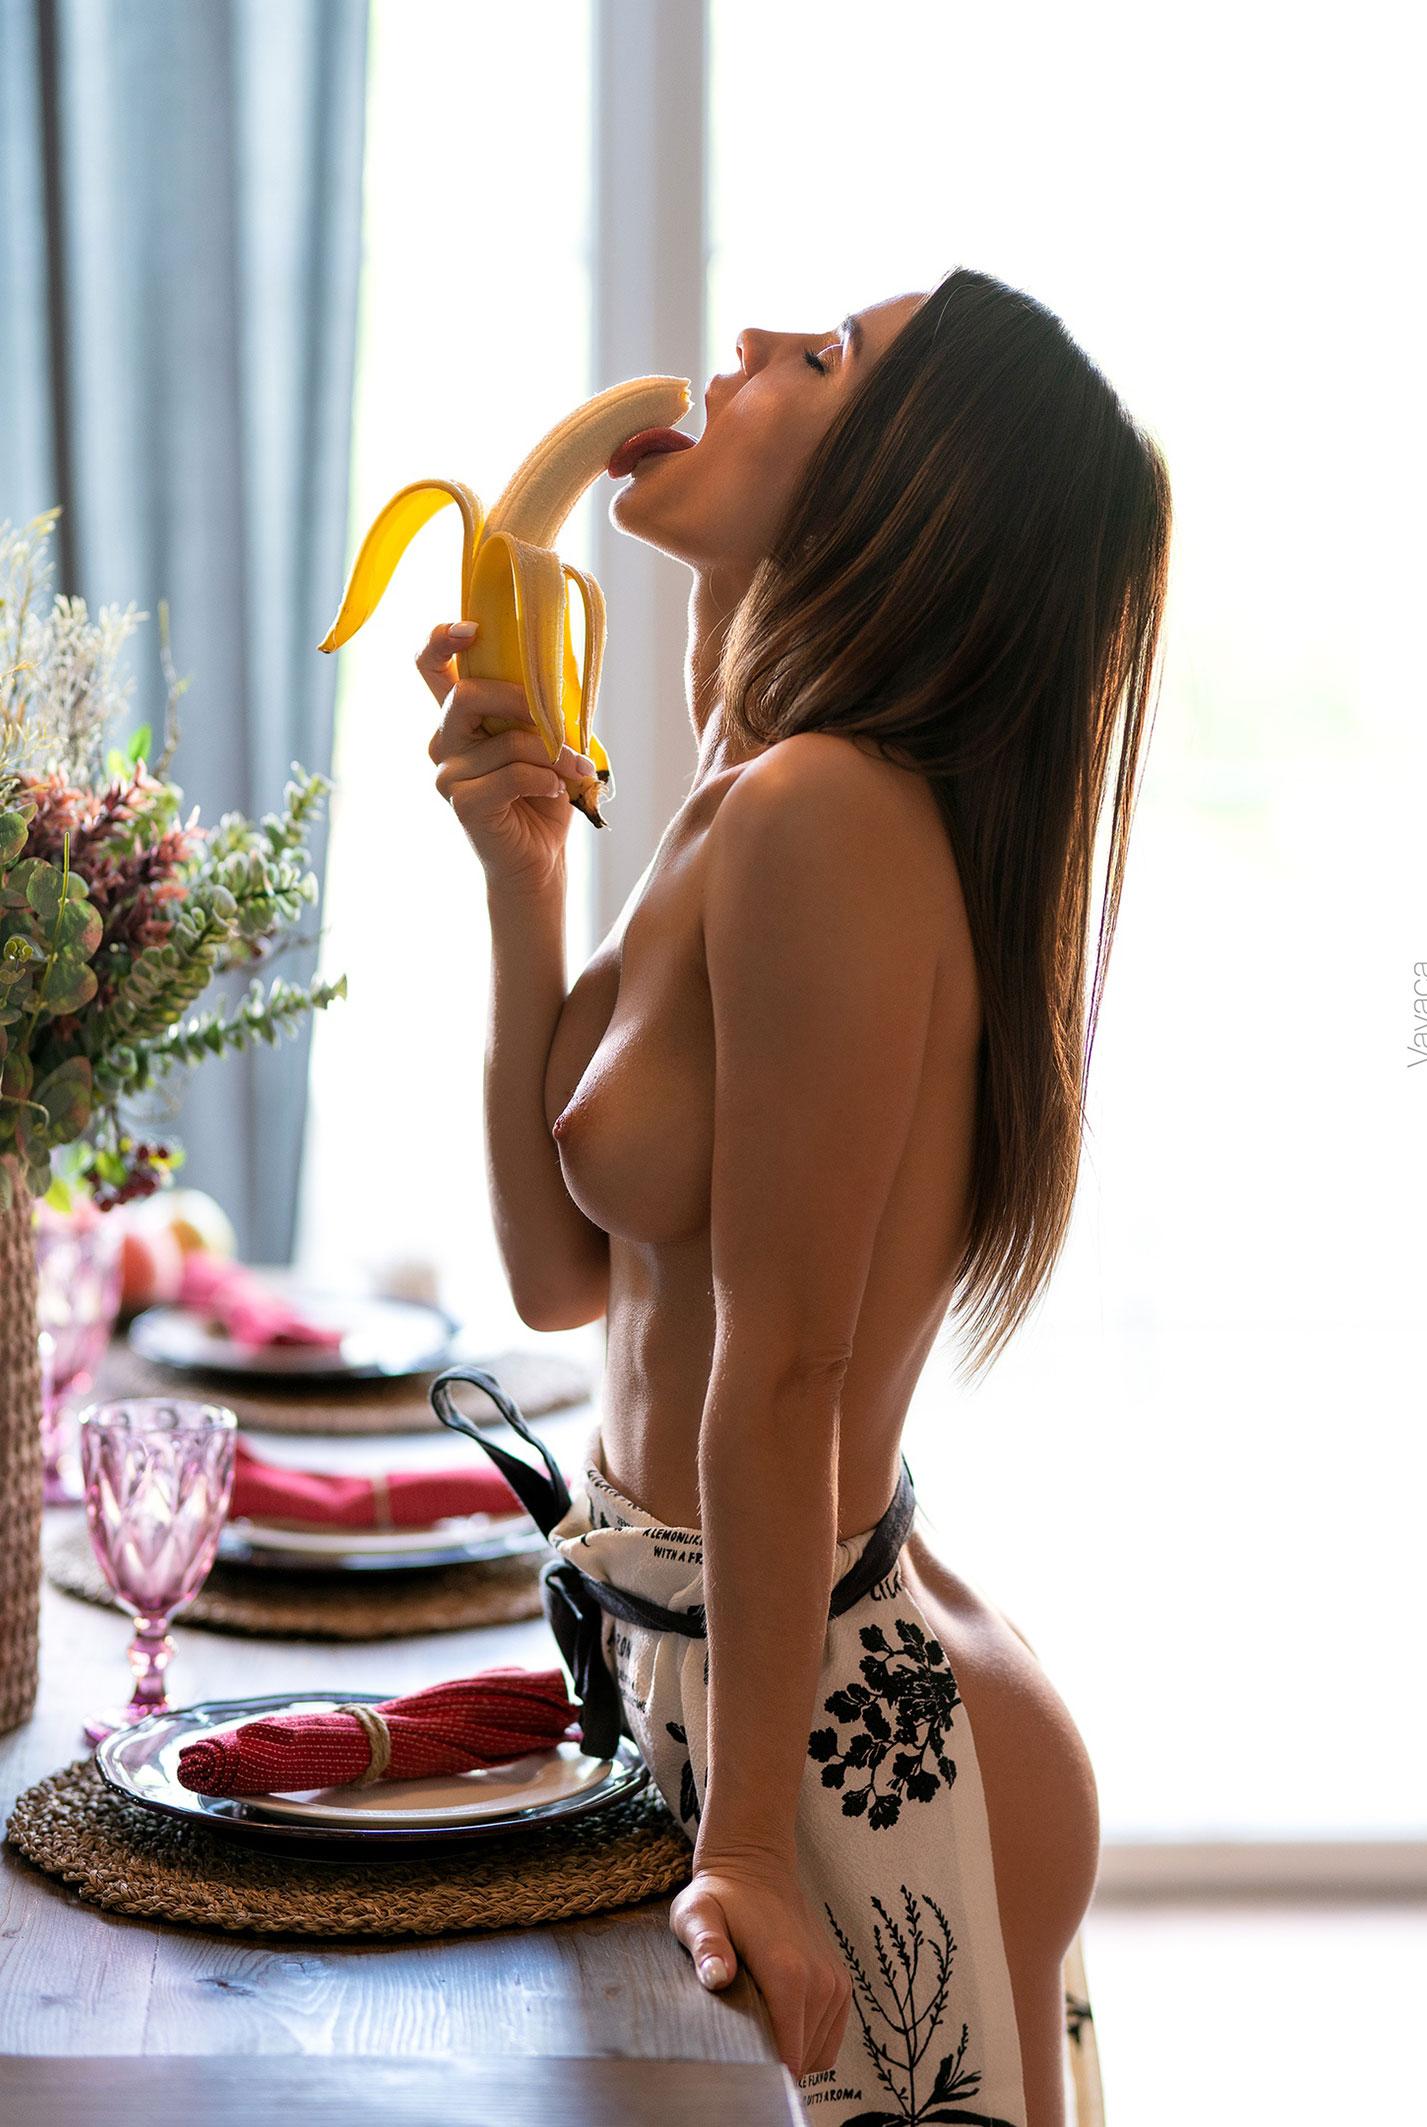 Кухня мечты - голая Кристина Макарова готовит из муки и фруктов / фото 01